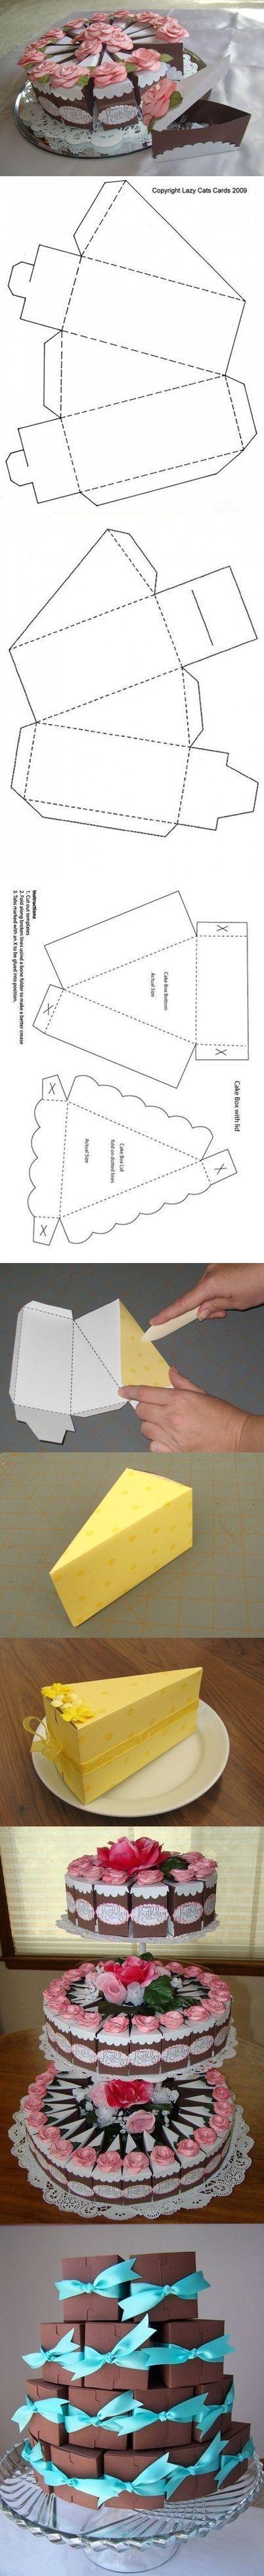 Caixas de lembrancinhas em formato de fatias de bolo! Acesse: https://pitacoseachados.wordpress.com #pitacoseachados: